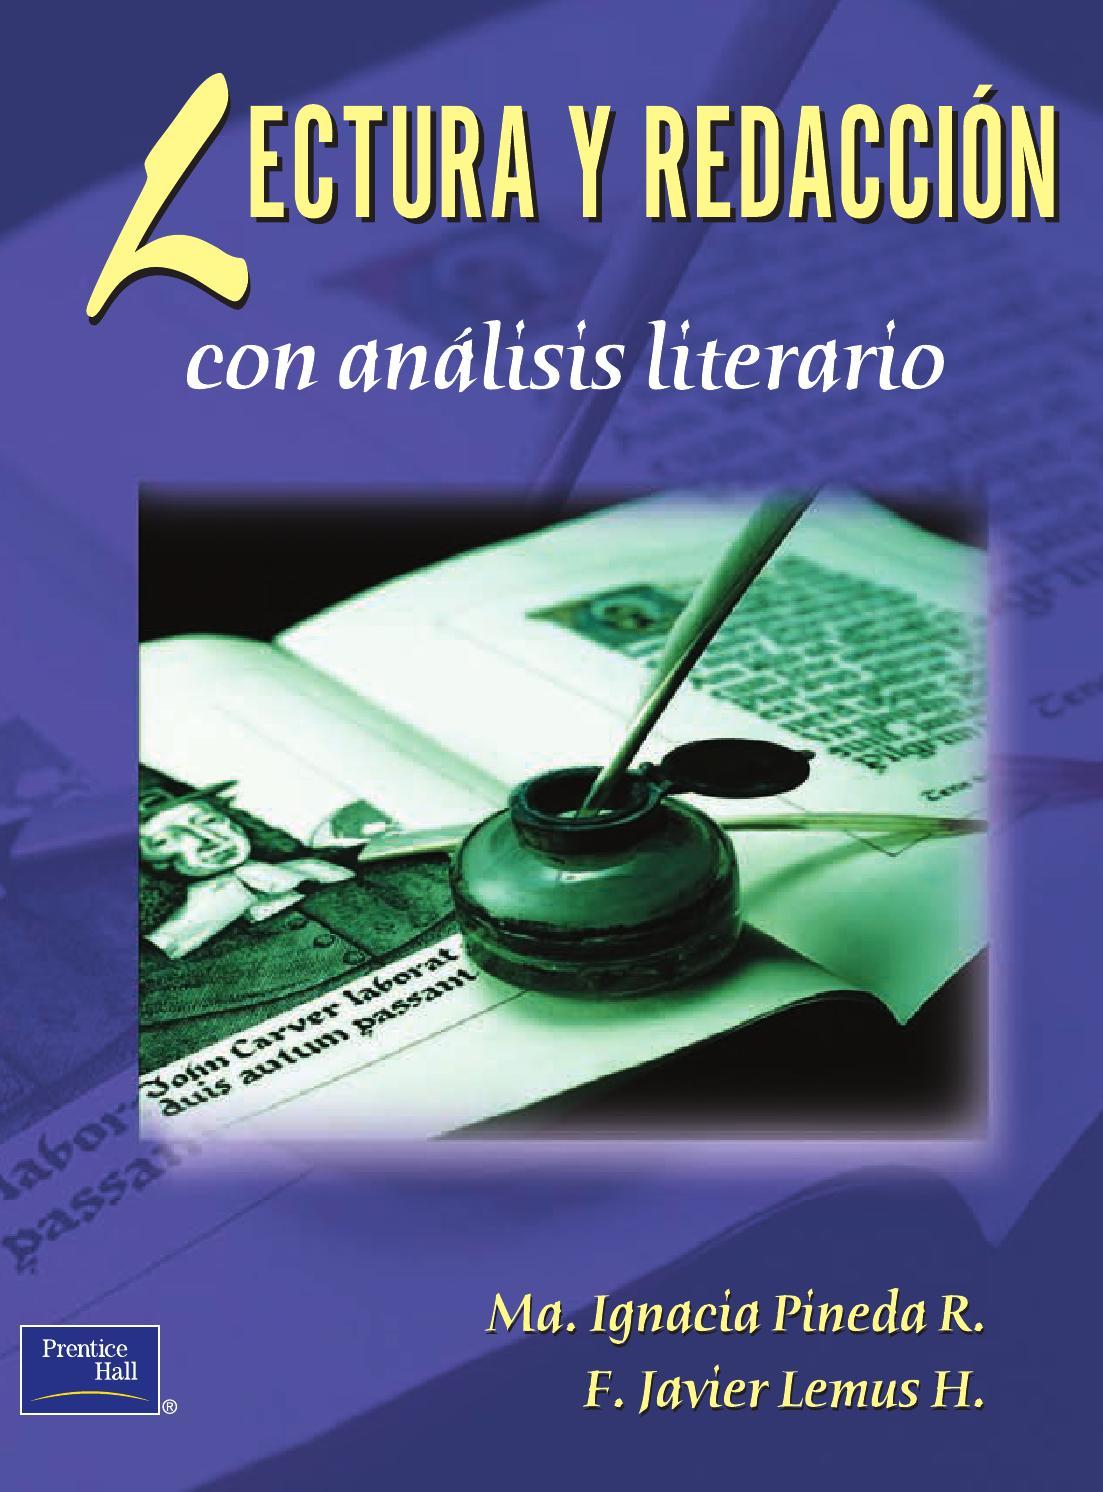 11032014lectura y redacción con análisis literario 1edi by Miguel ...